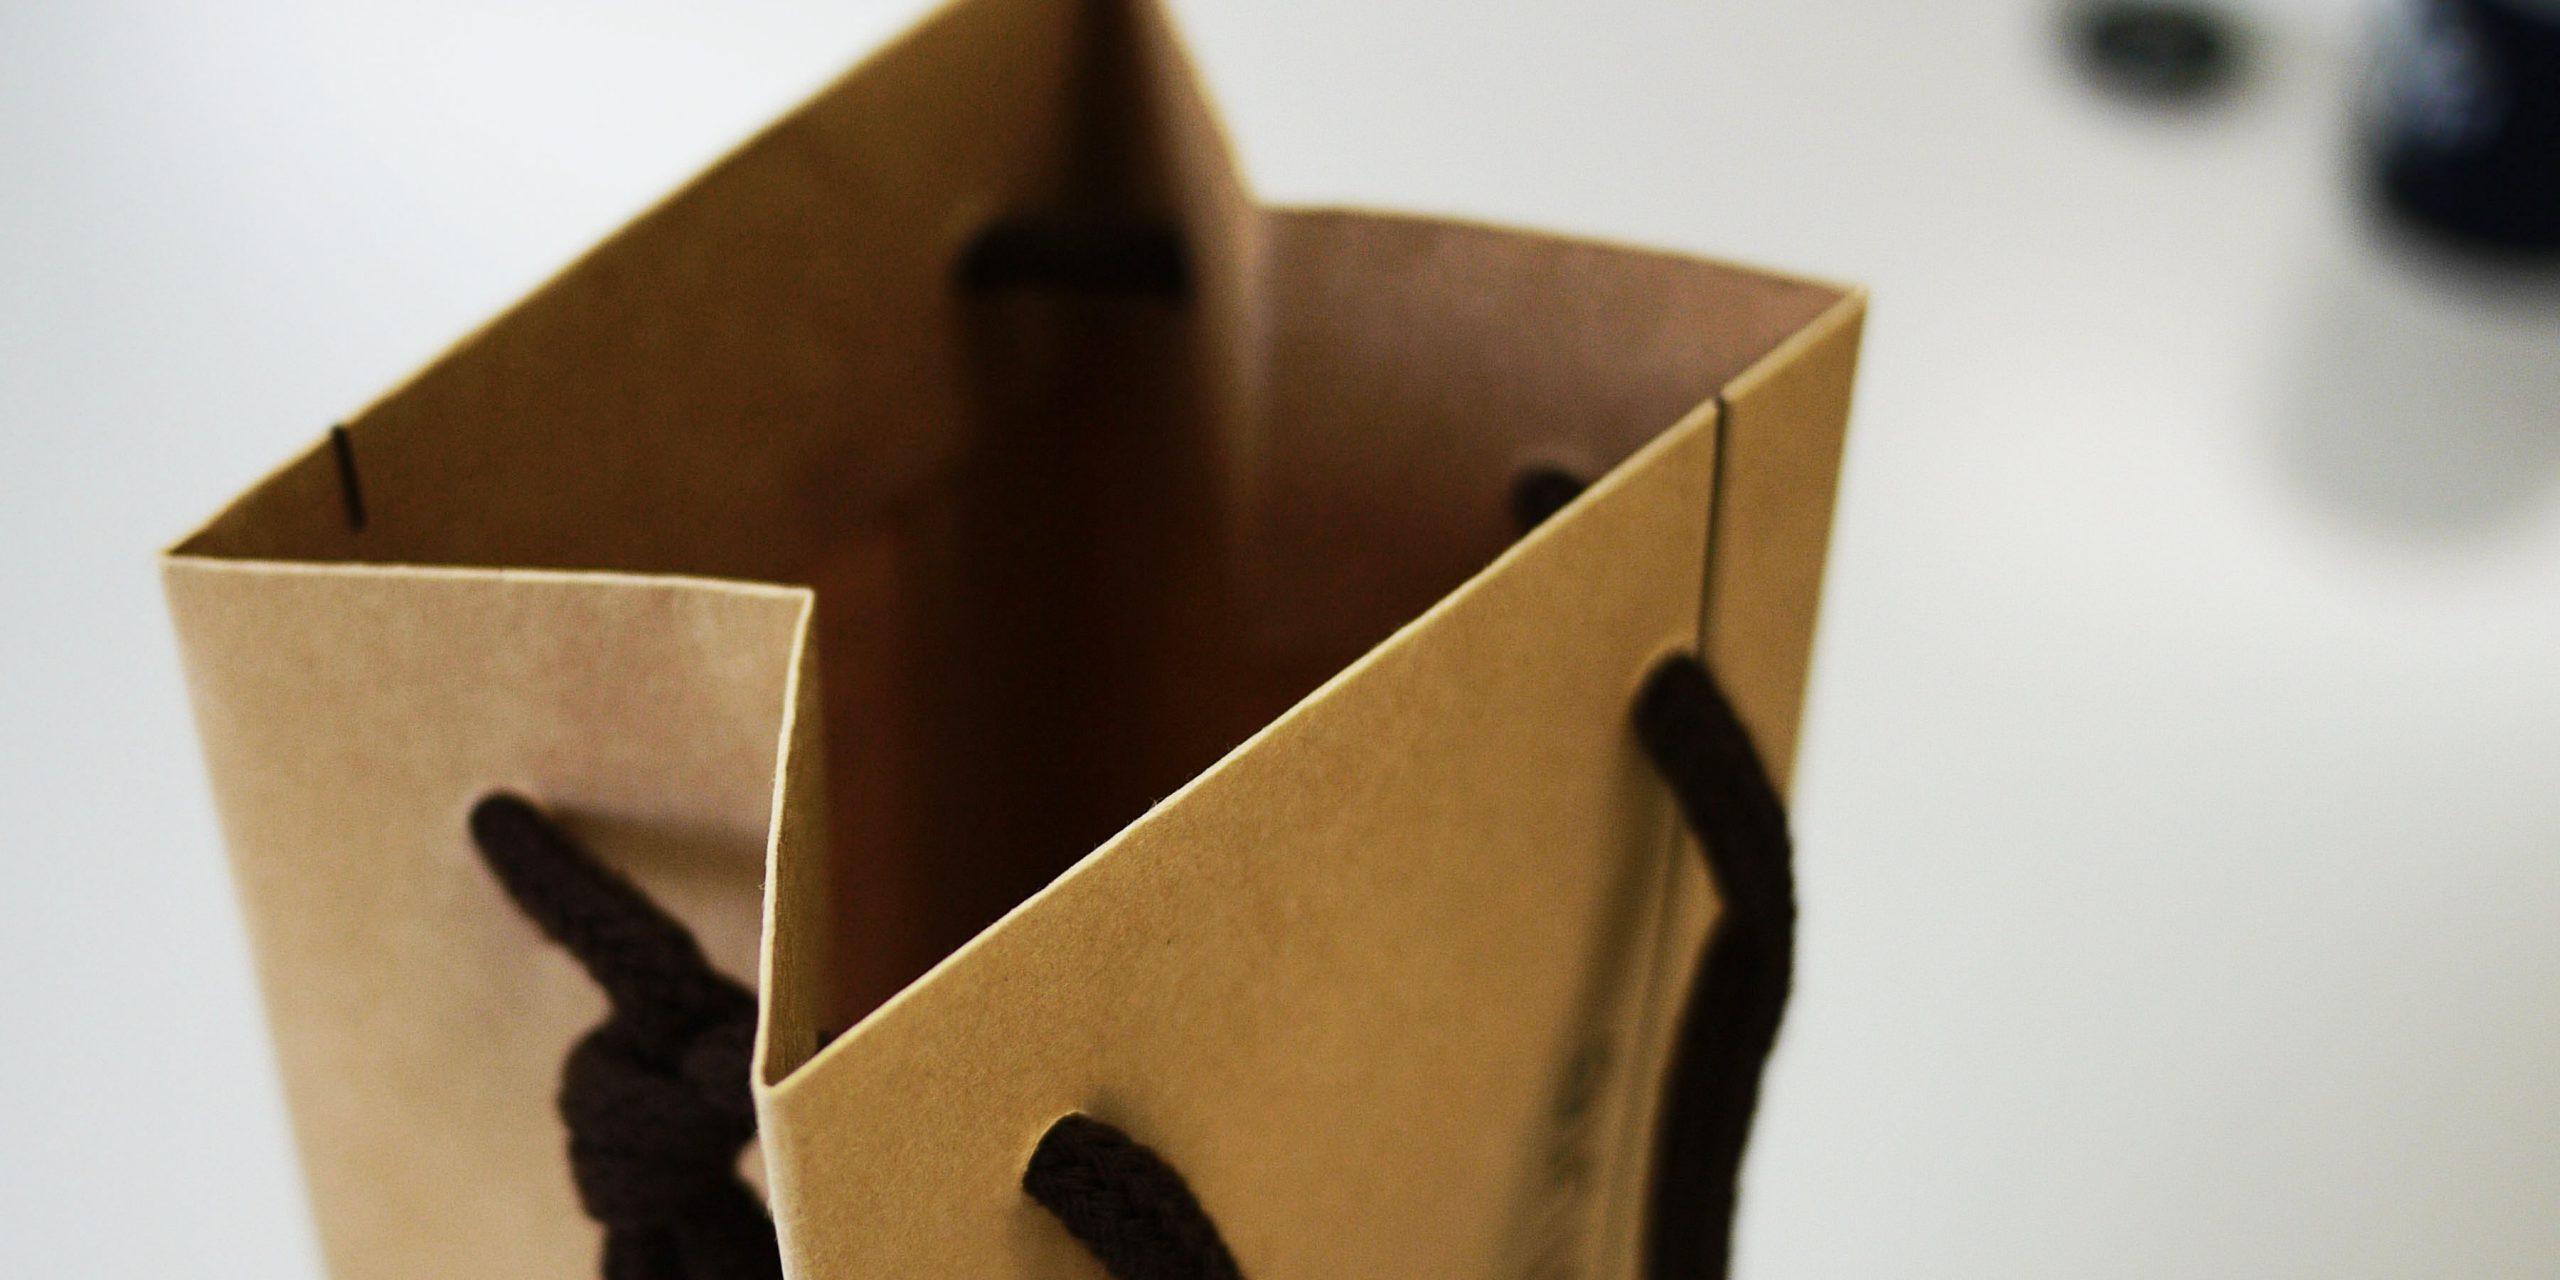 ワインボトル用手提げ紙袋(1本用)